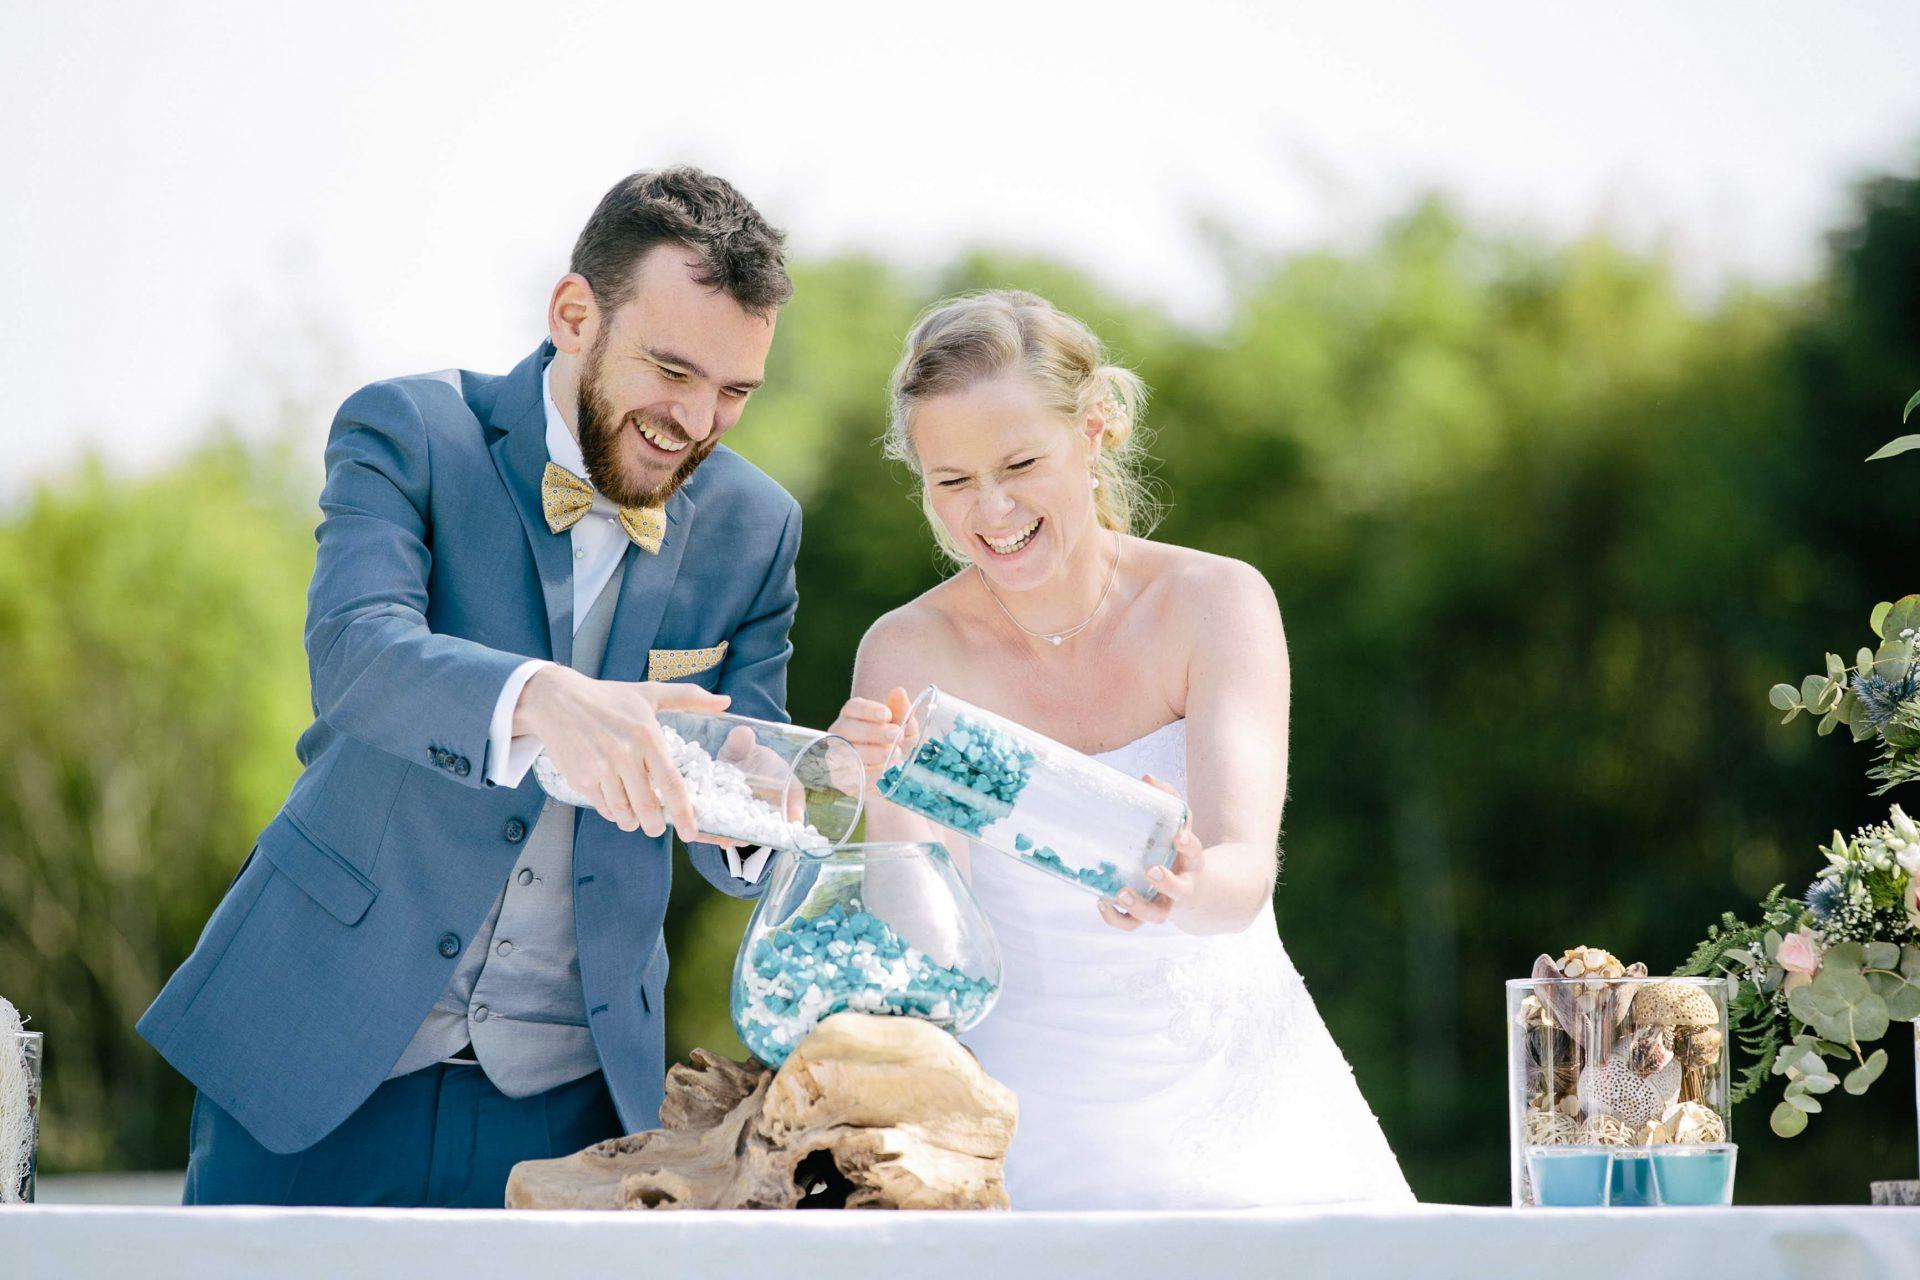 sterenn-officiante_ceremonie-laïque-bretagne-rennes-Julie-Yann-rituel-sable-mariés